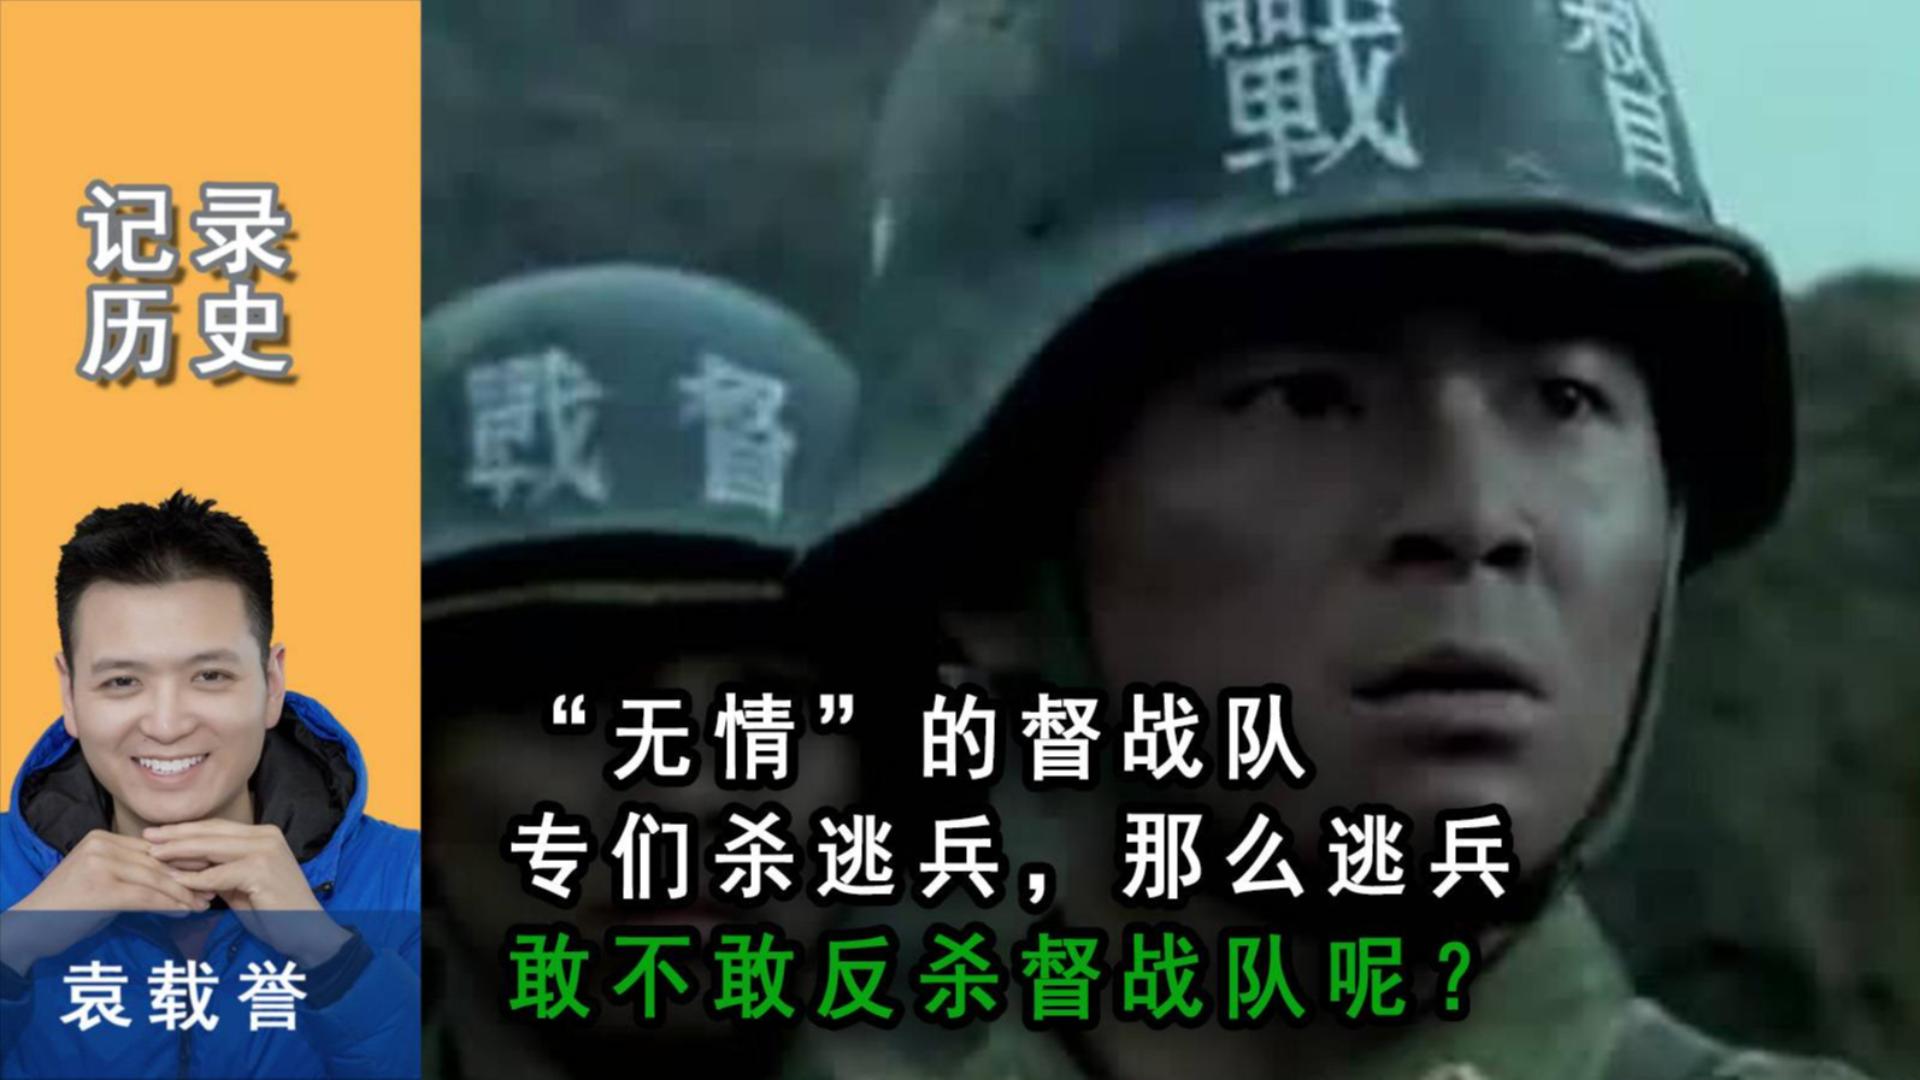 督战队在军队最后面,专杀逃兵,那军队溃败了会不会反杀督战队?